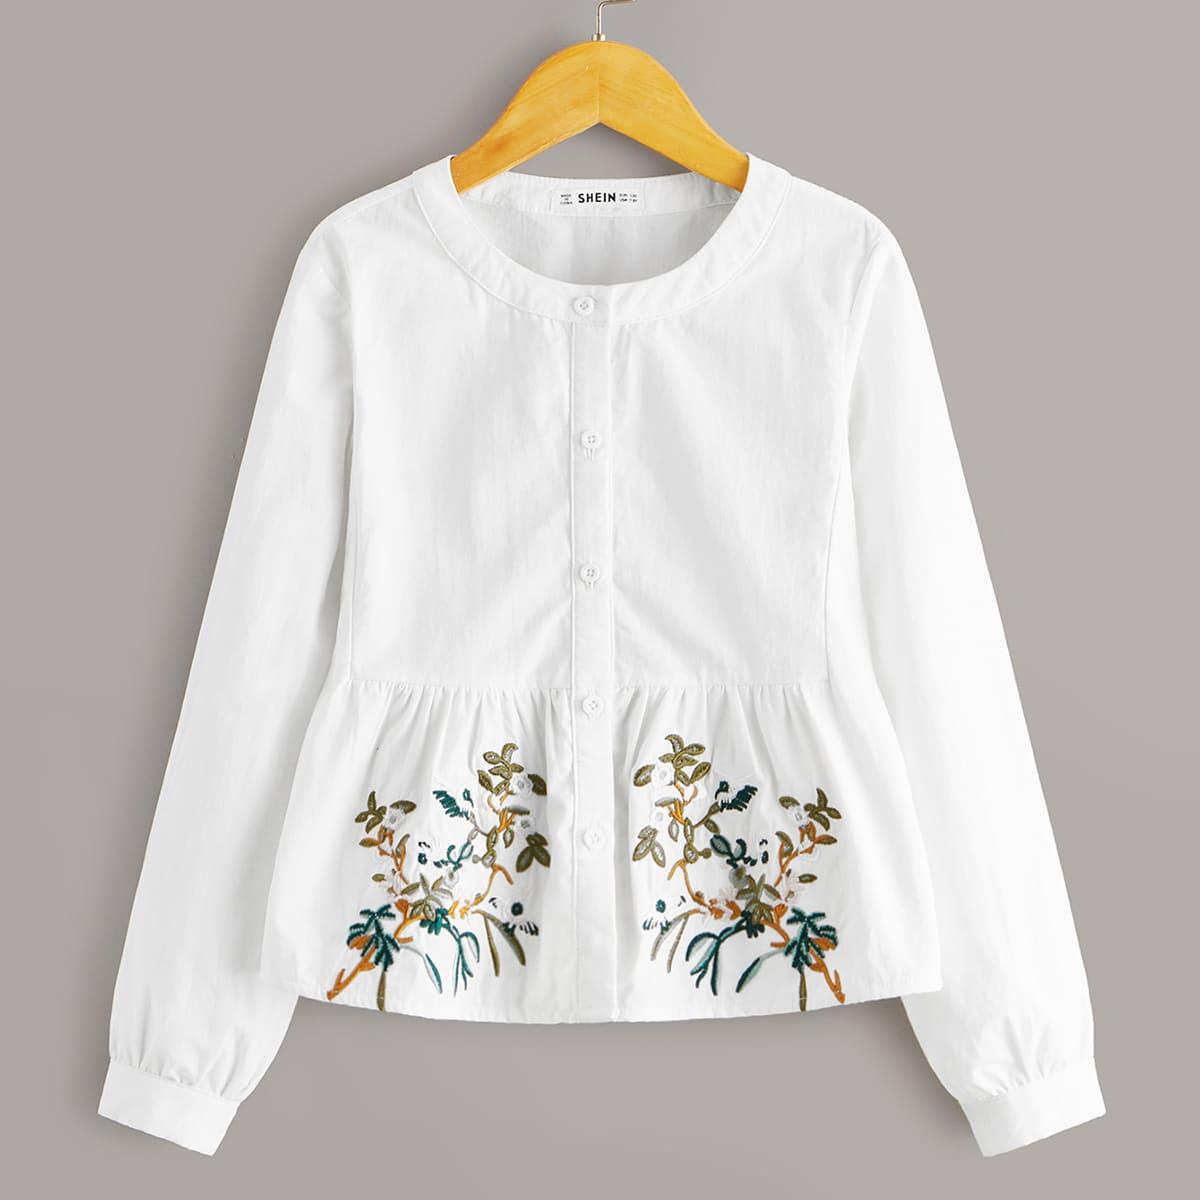 Блуза с ботанической вышивкой и расклешенным краем для девочек от SHEIN